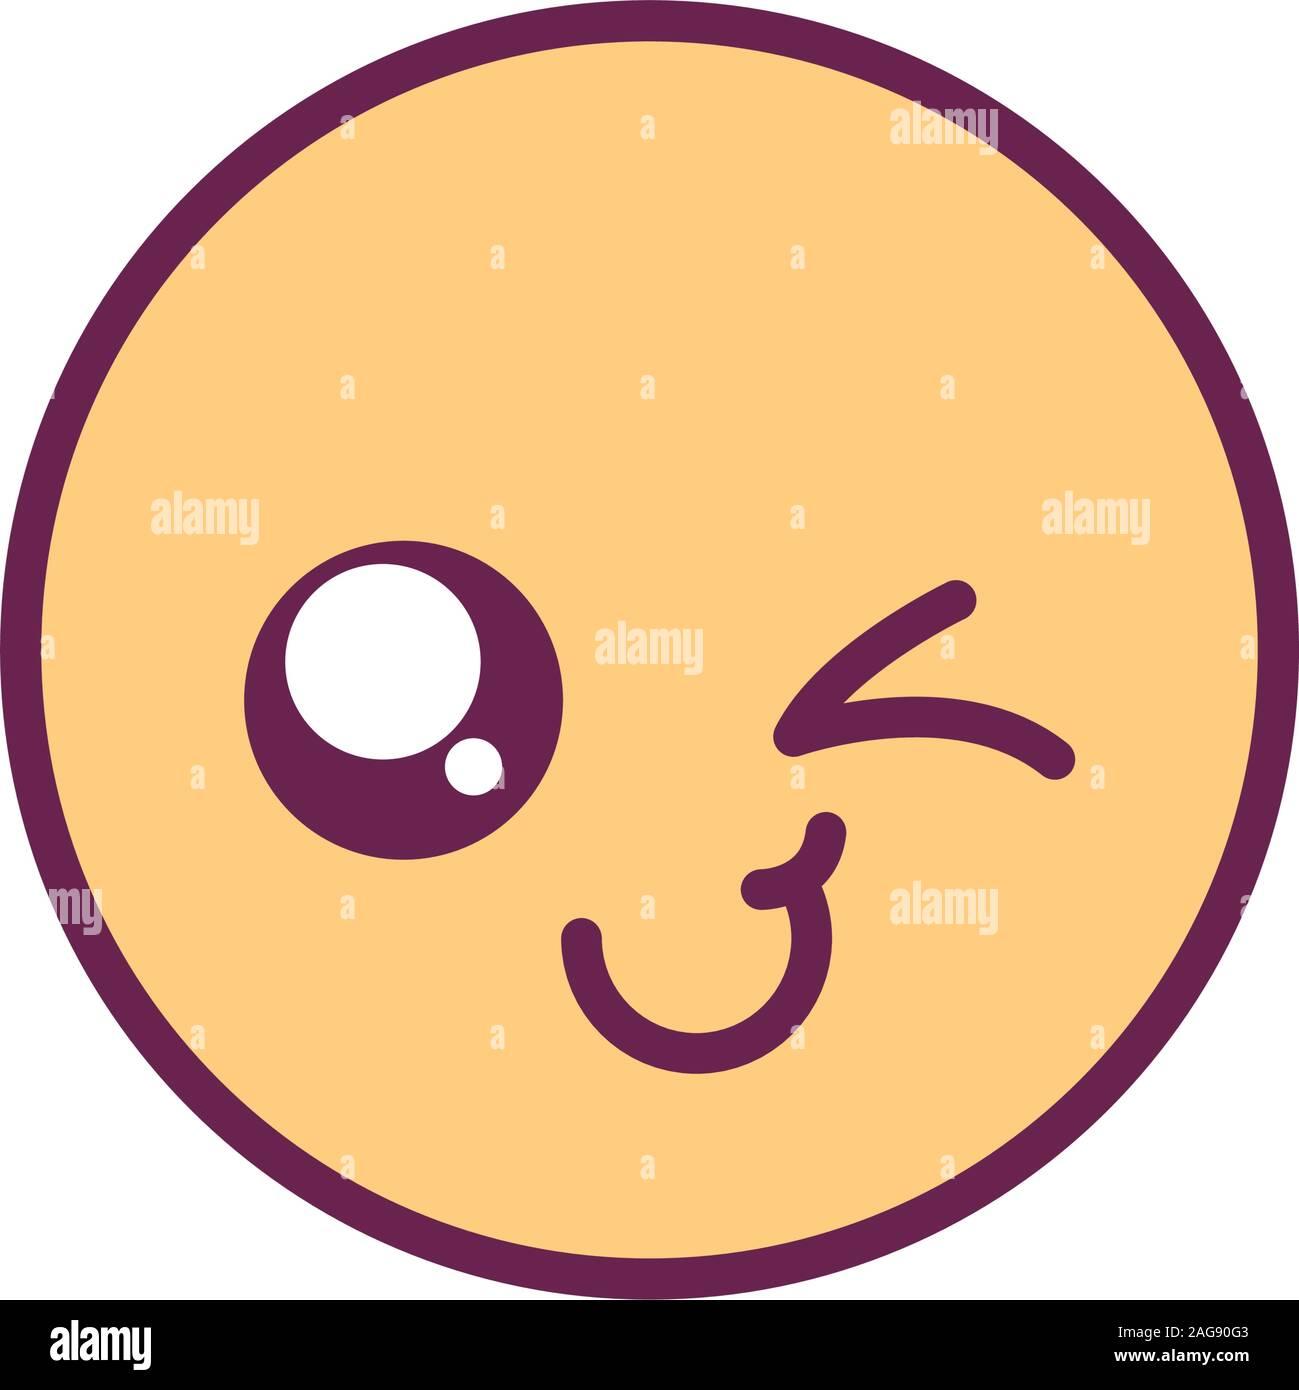 Kawaii Happy Wink Facial Expression Stock Photos Kawaii